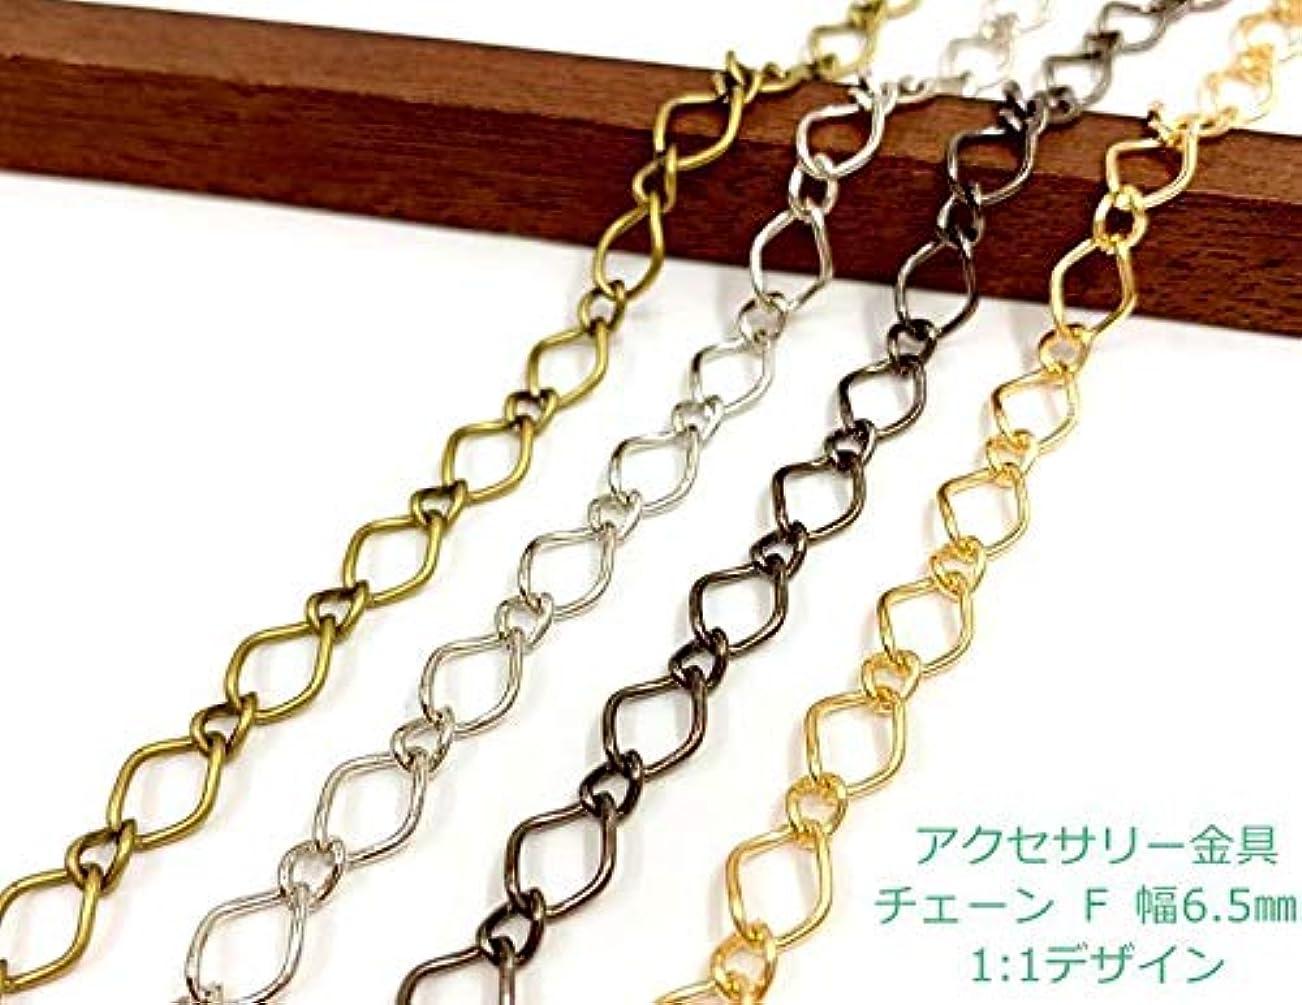 衝撃ぼろ衝突付け外し簡単 ネックレスの留め具(2色組) アクセサリー マグネット 磁石 ワンタッチ チェーン 簡単装着